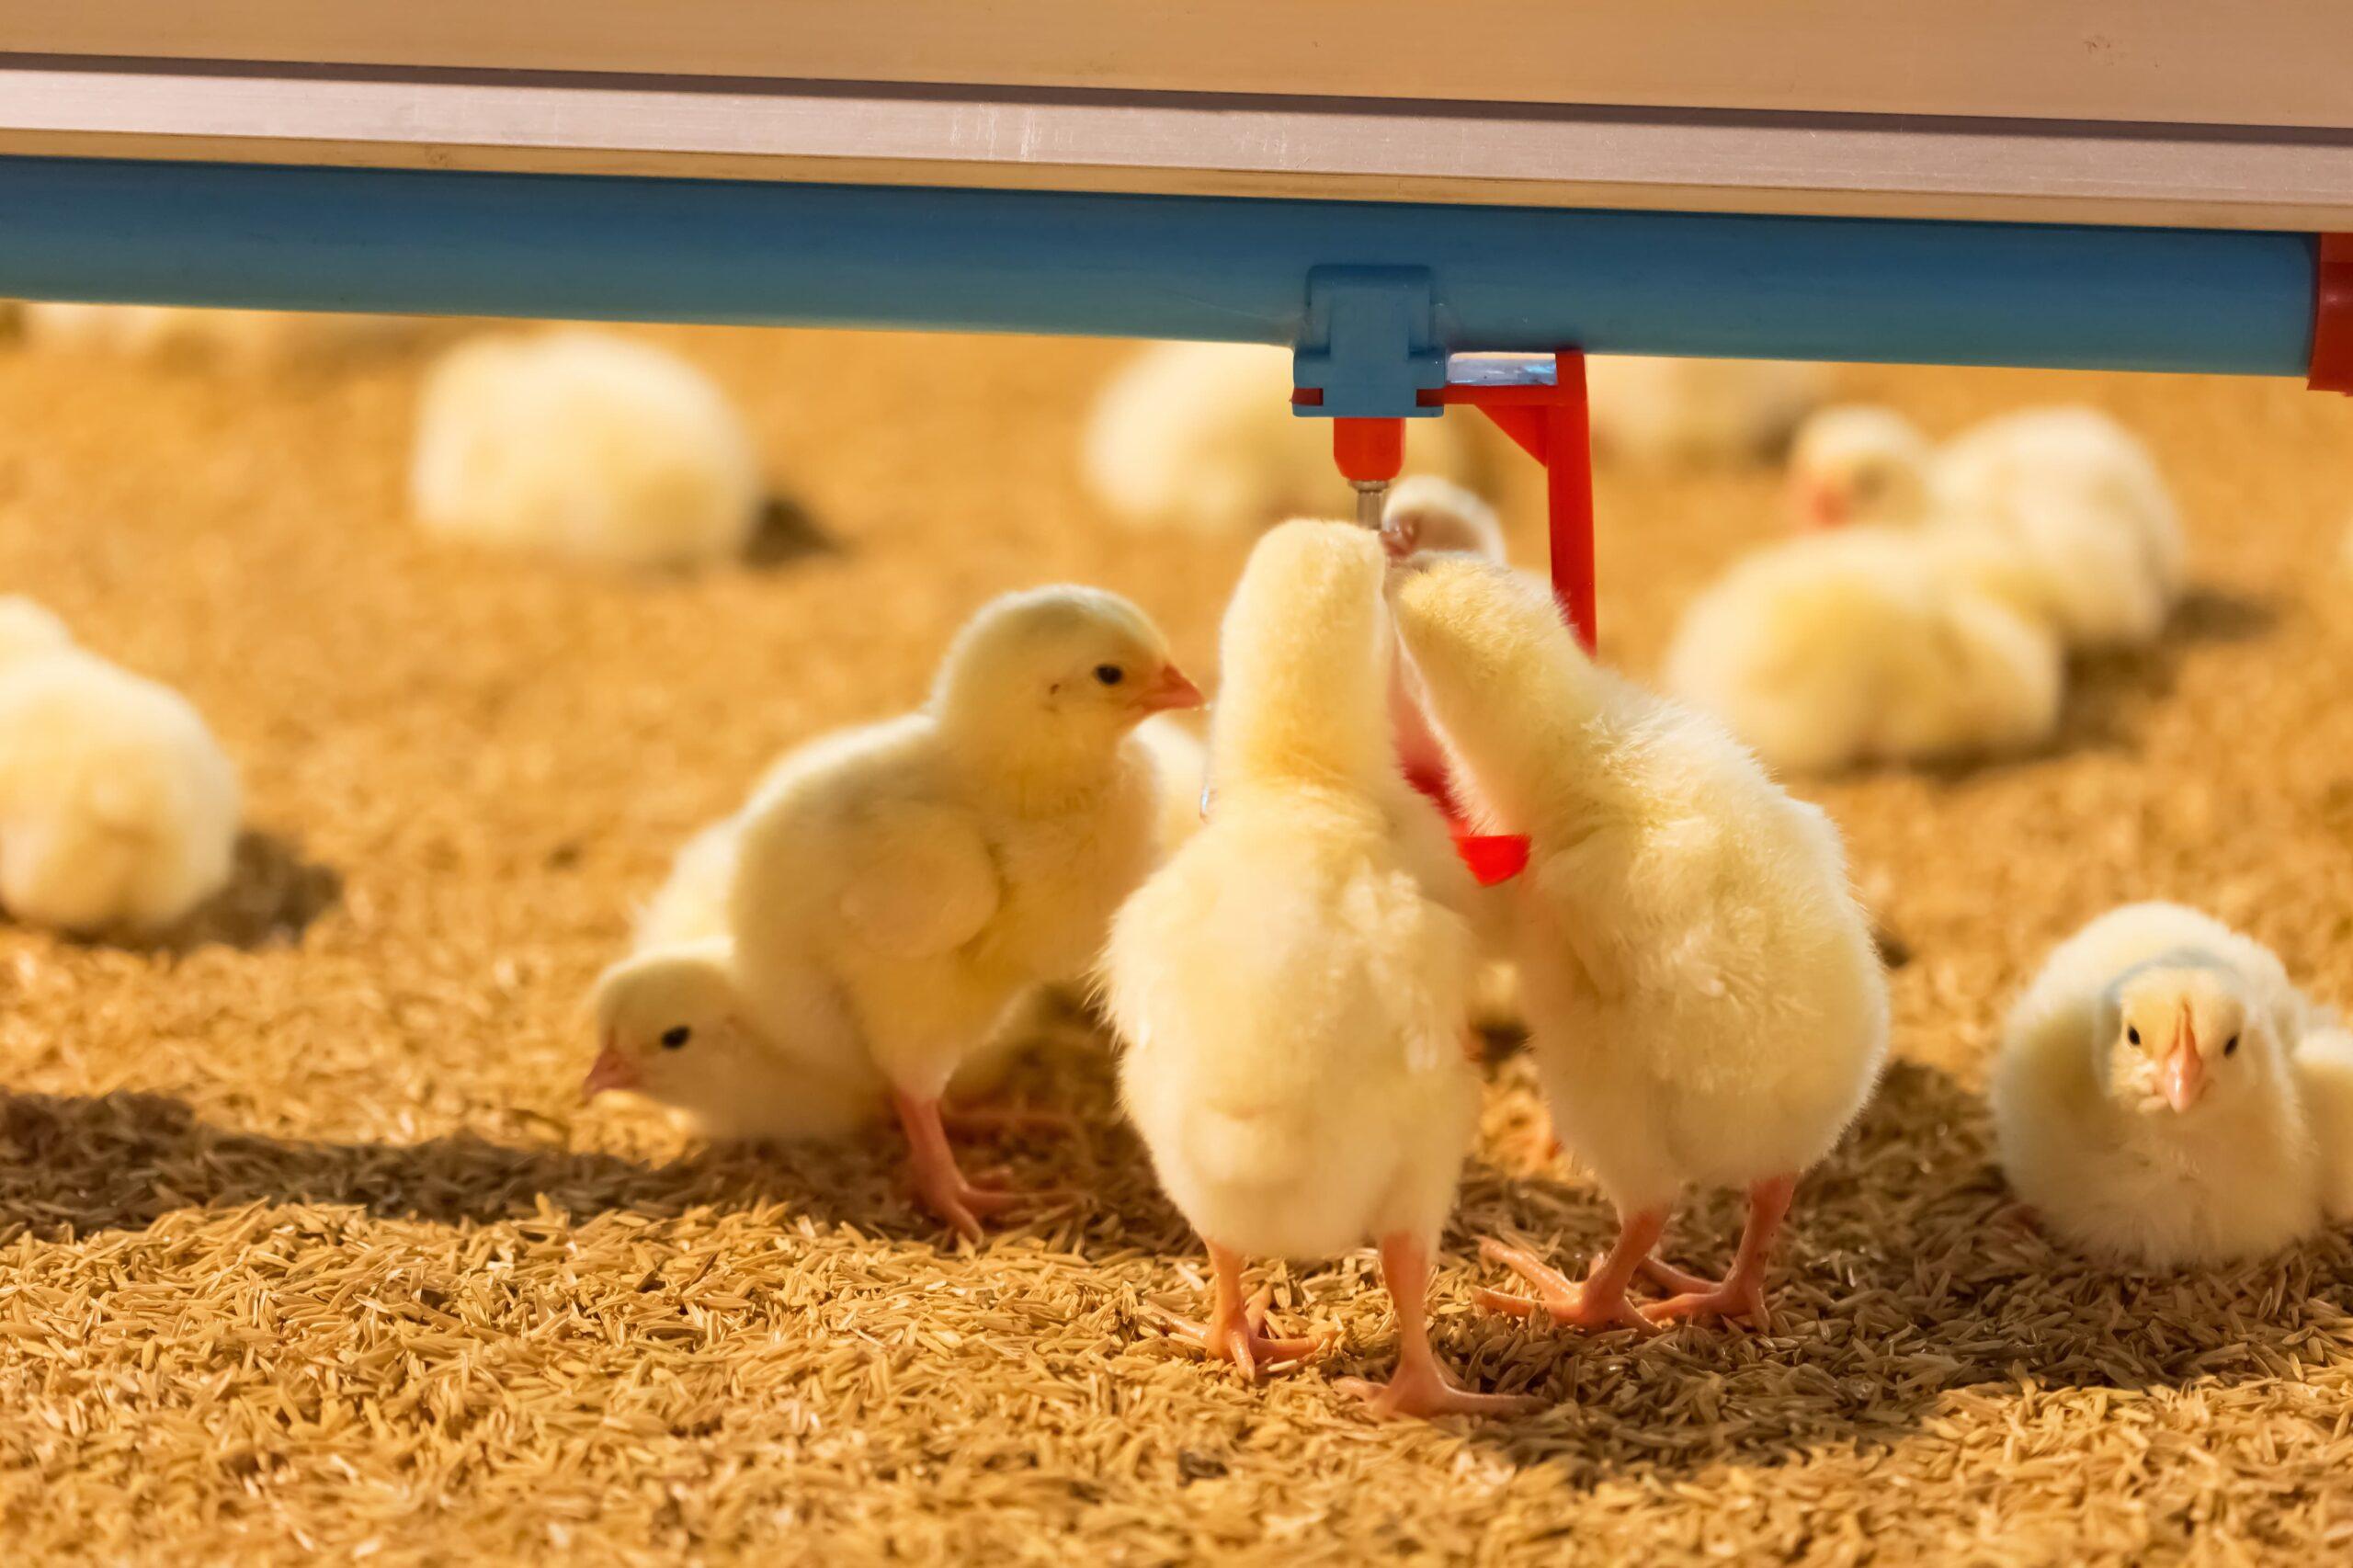 Biovet S.A. aditivos naturales para la alimentación animal